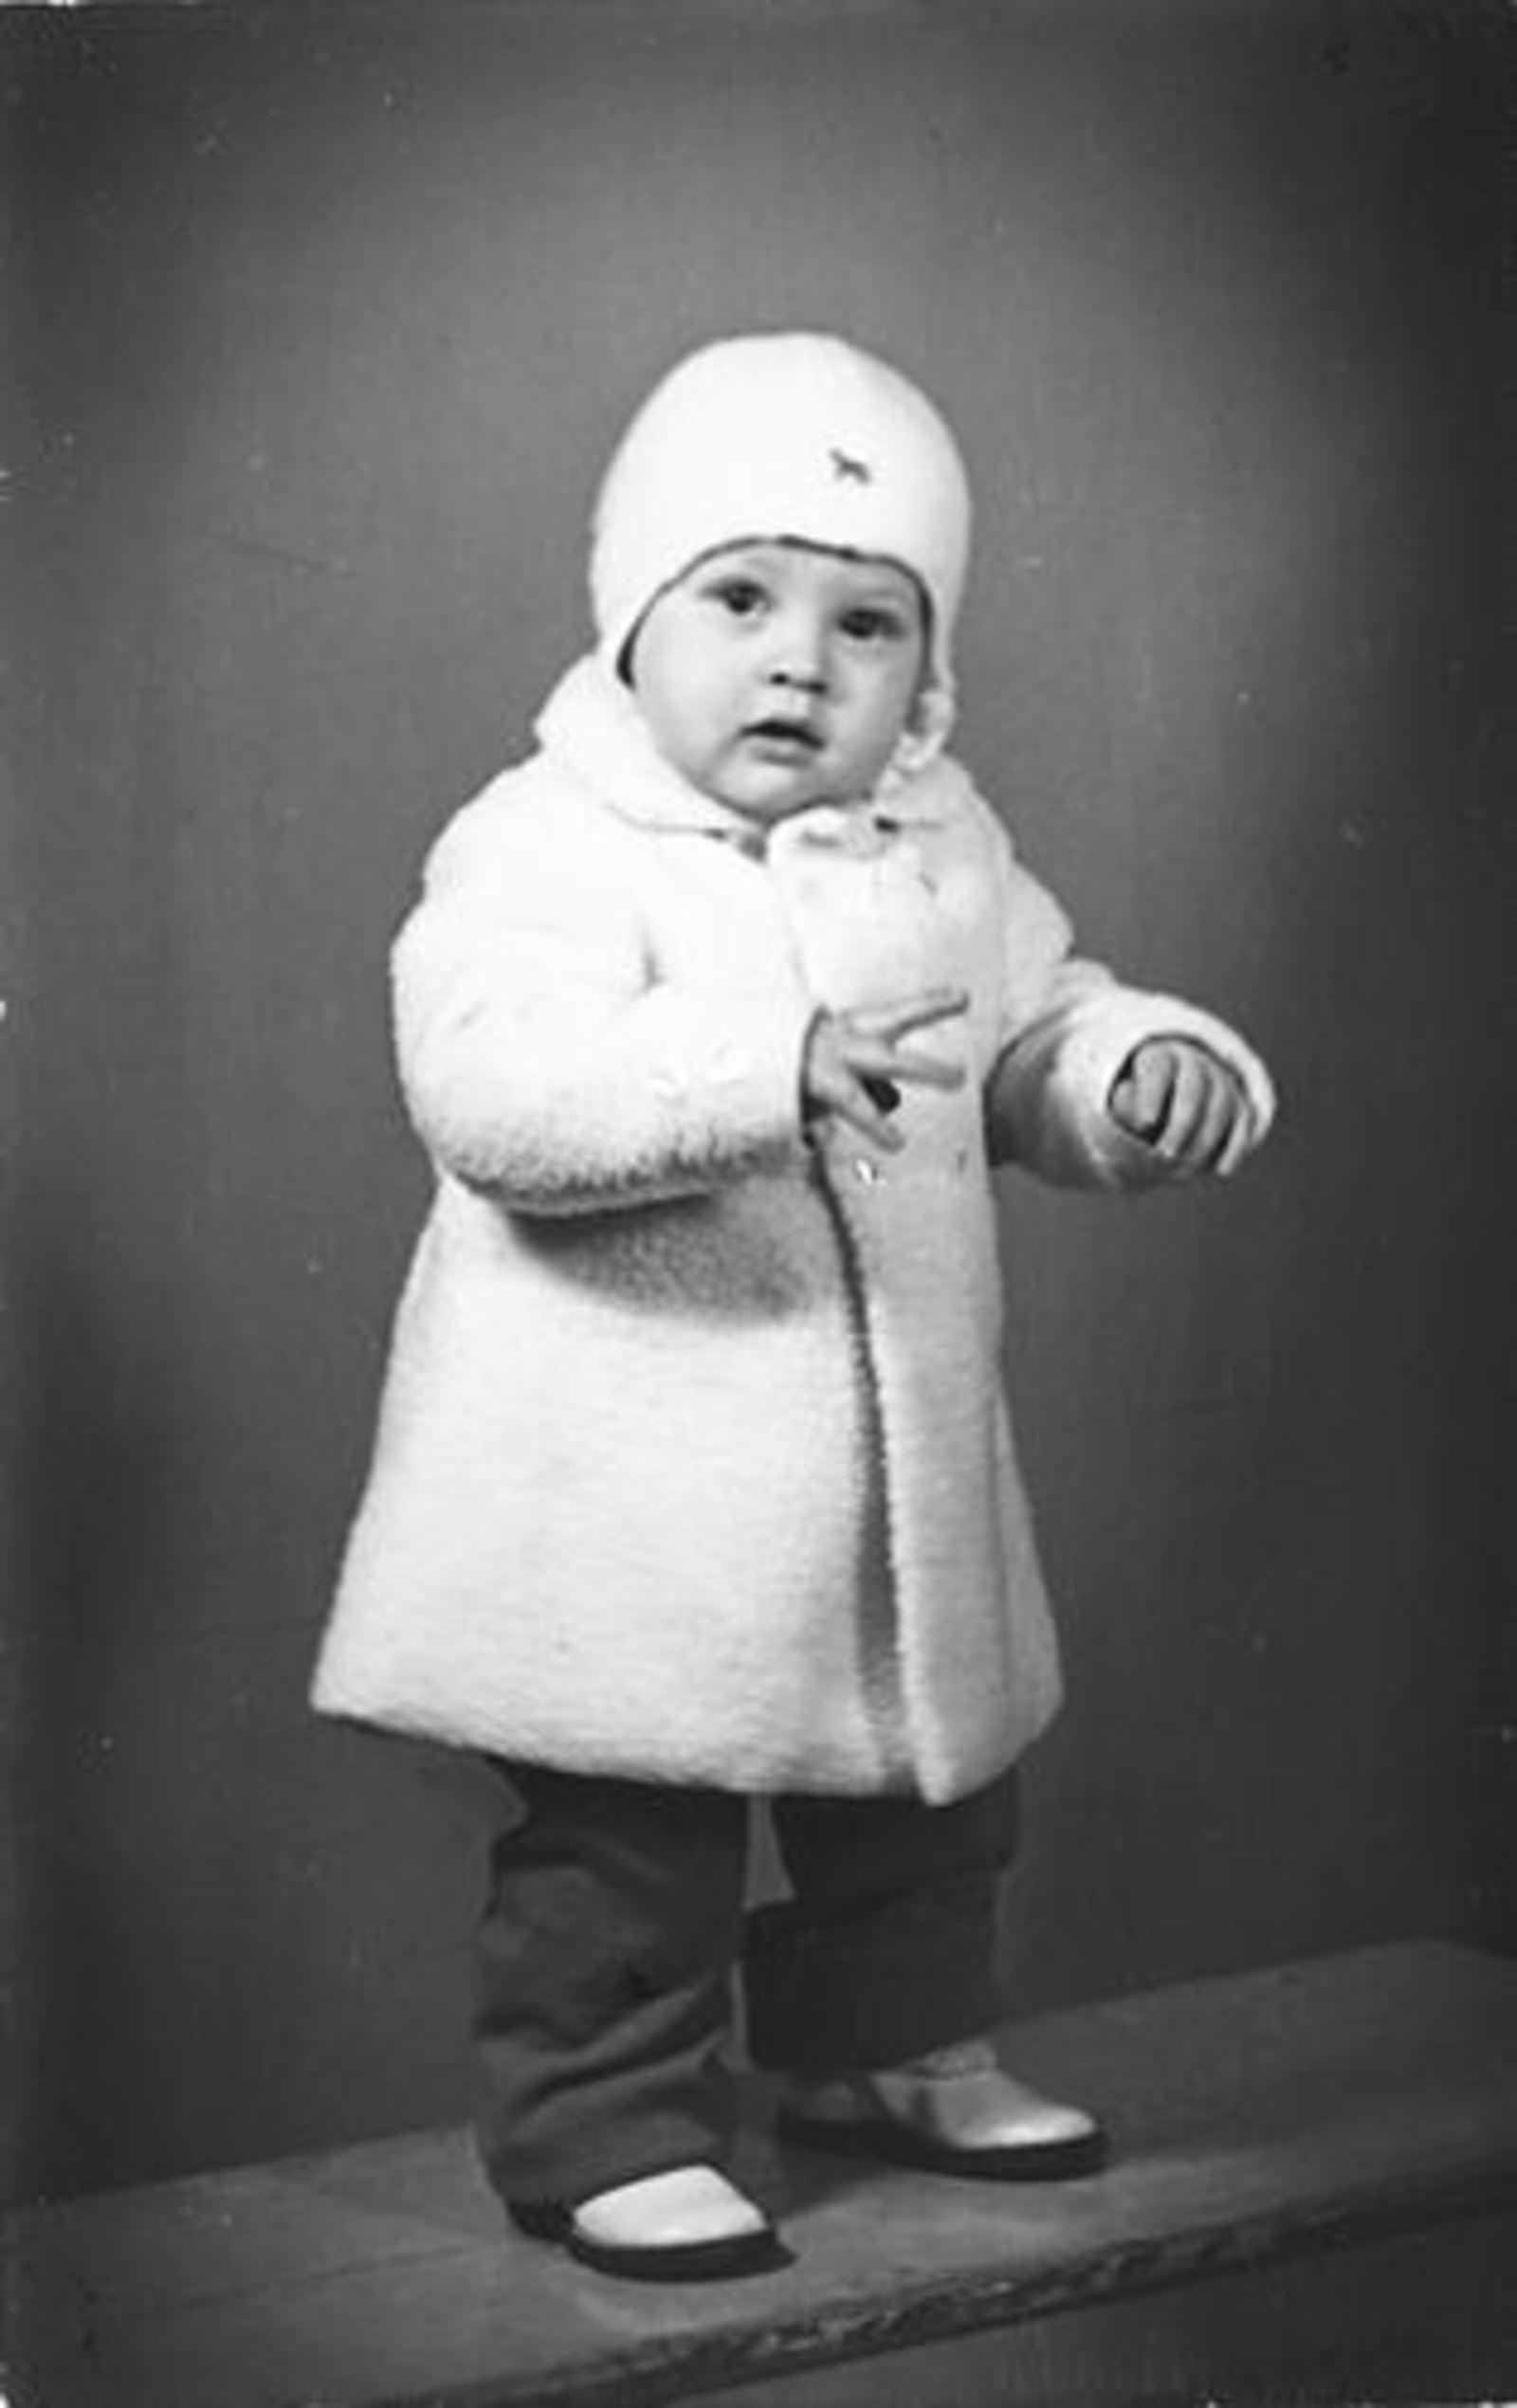 Dam Marijtje J 1930 19__ zoon Anton Beerendonk bij Fotograaf